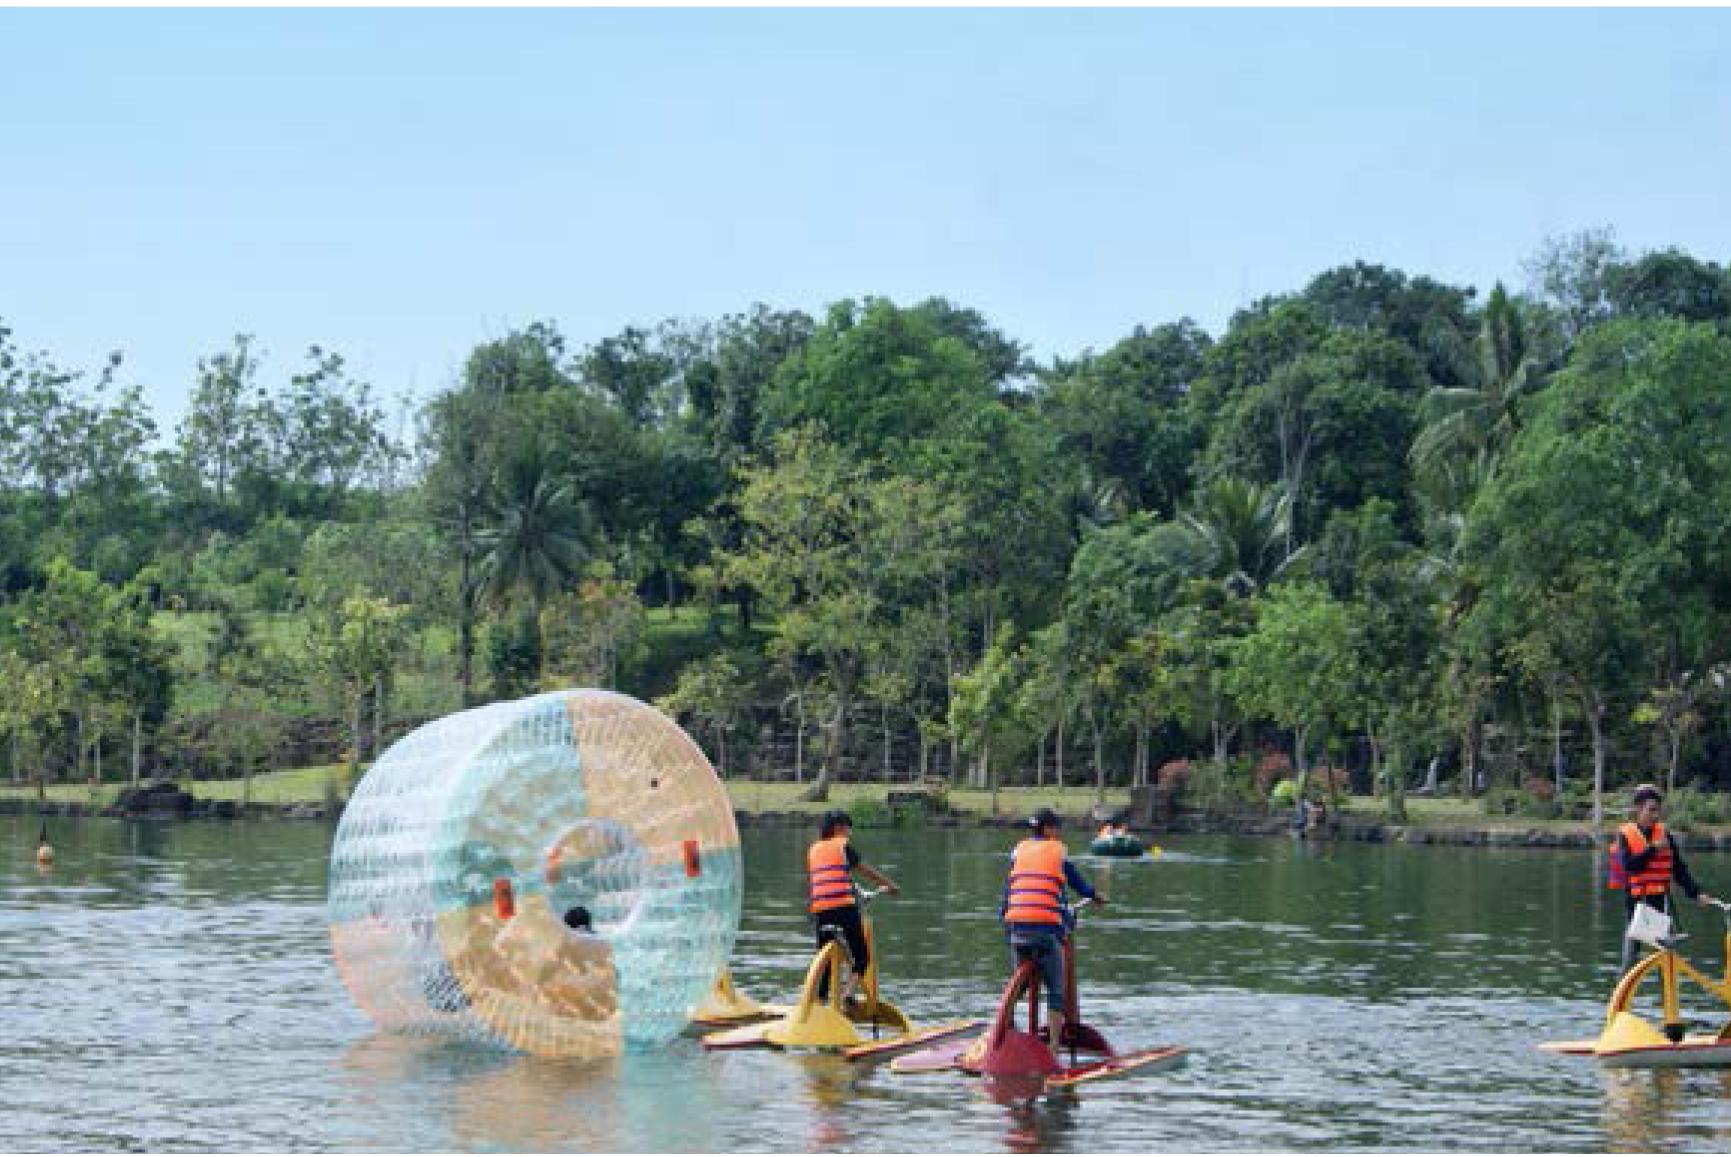 Khu du lịch suối mơ quận 9 - Quà tặng từ thiên nhiên giữa lòng thành phố